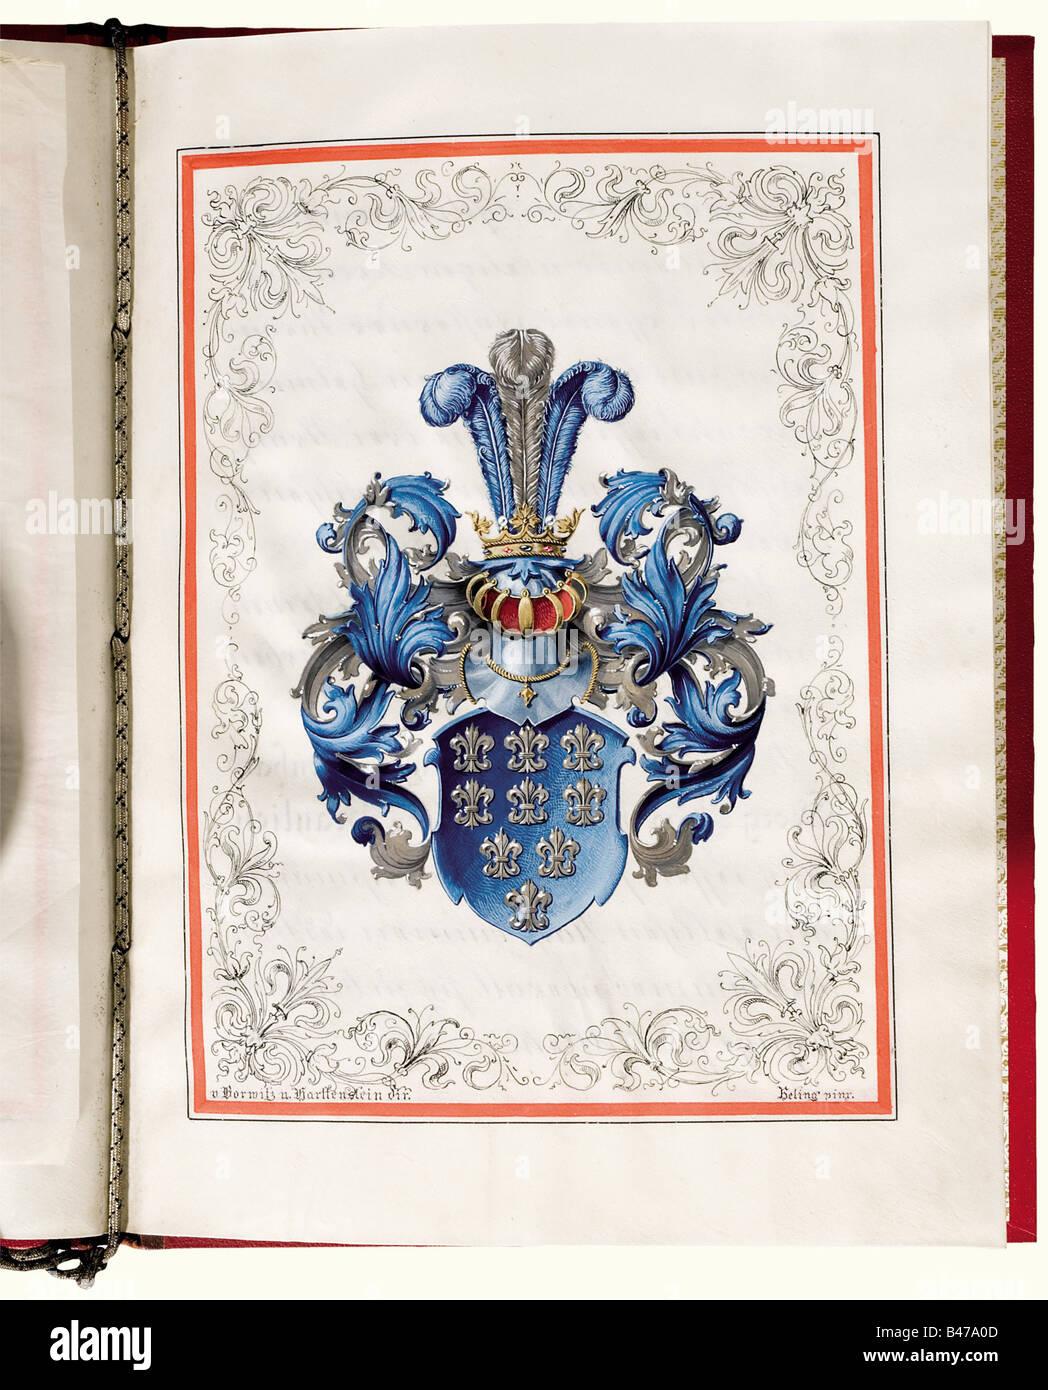 Un brevetto di nobiltà per grandi von Beaulieu, il Kaiser Guglielmo II, concessa il 18 settembre 1898 pergamena Immagini Stock